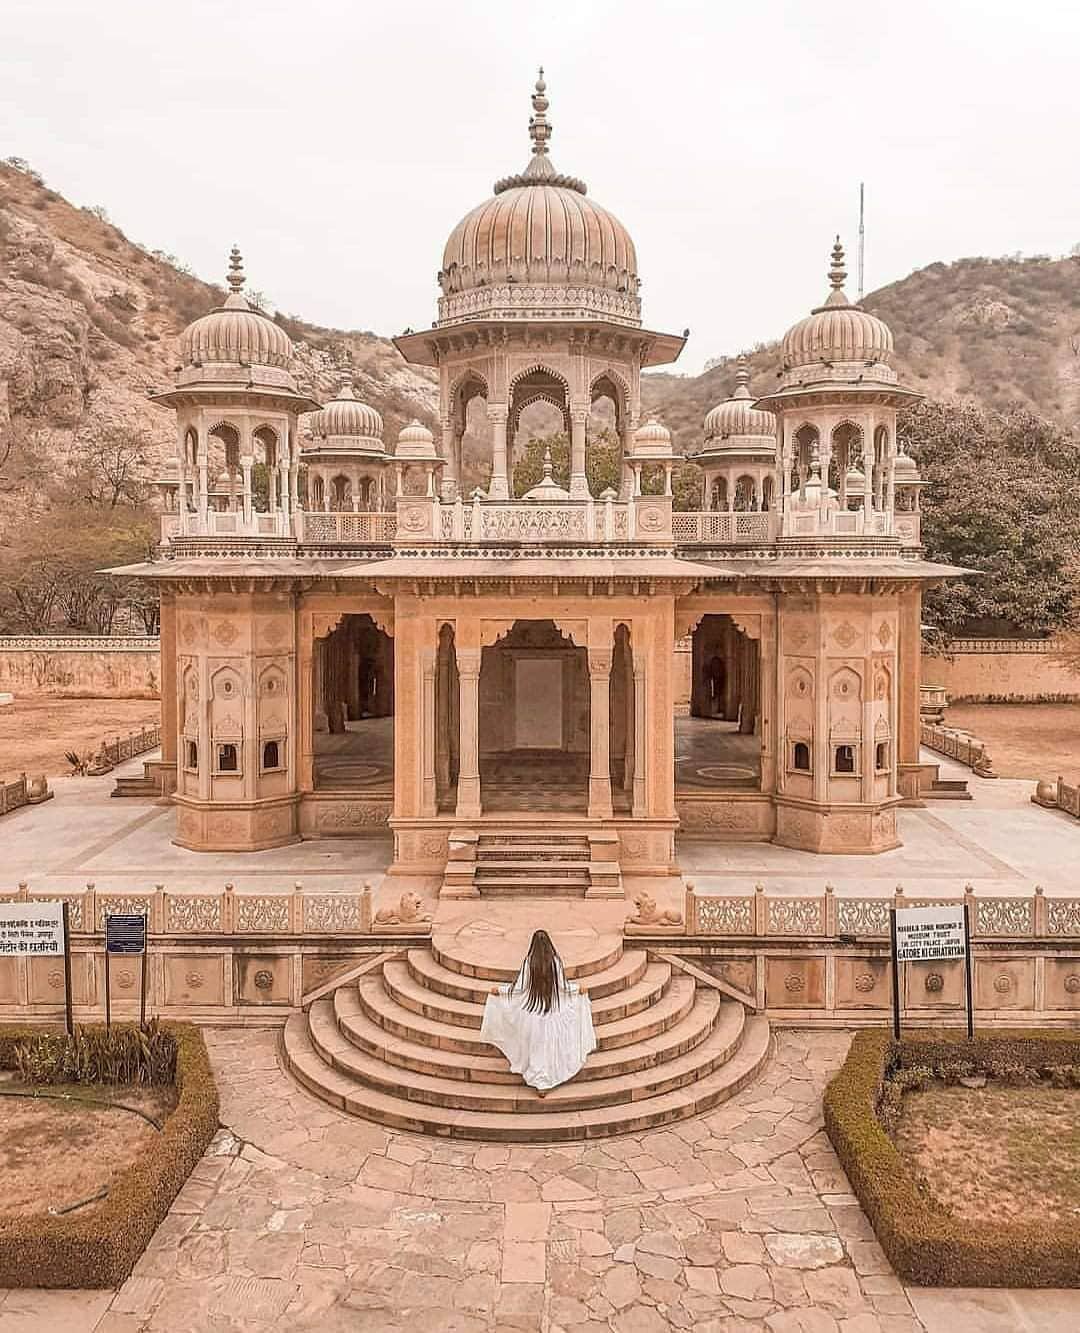 #lost #temple #temples #losttemple #losttemples #lost_temples #HiddenTreasure #h...